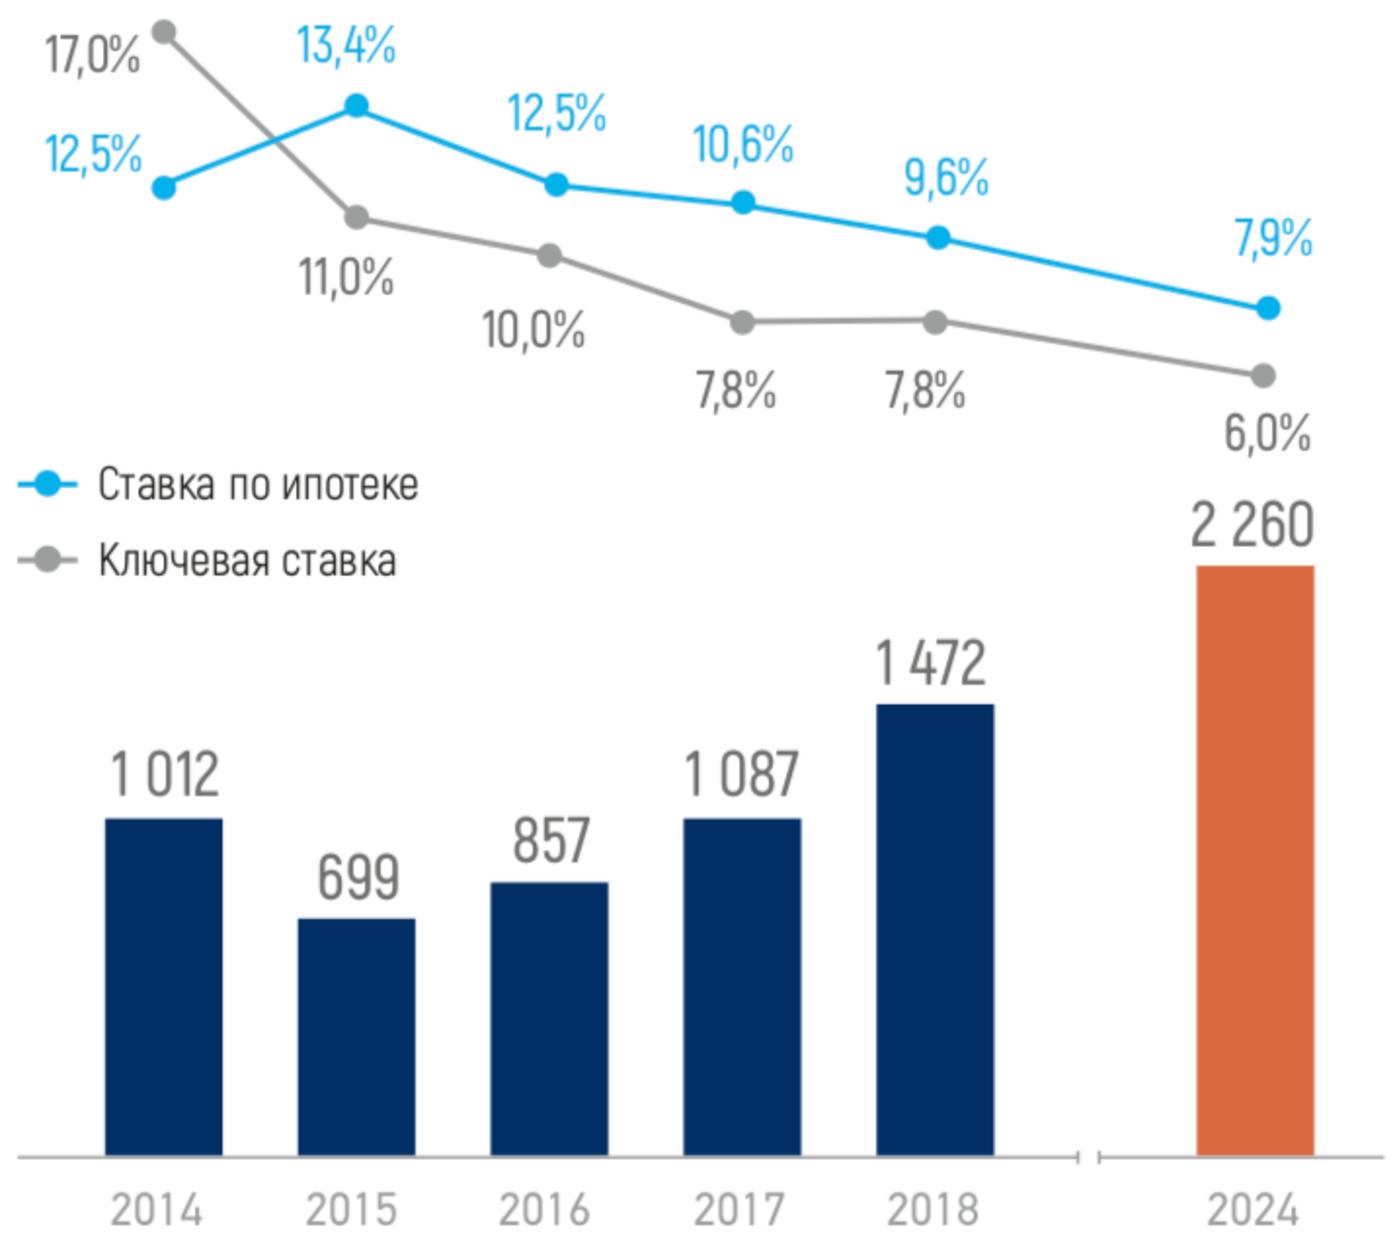 Количество выданных ипотечных кредитов, тыс. шт. Источник: Годовой отчет «Эталона» за 2018 год, стр. 18 (10)